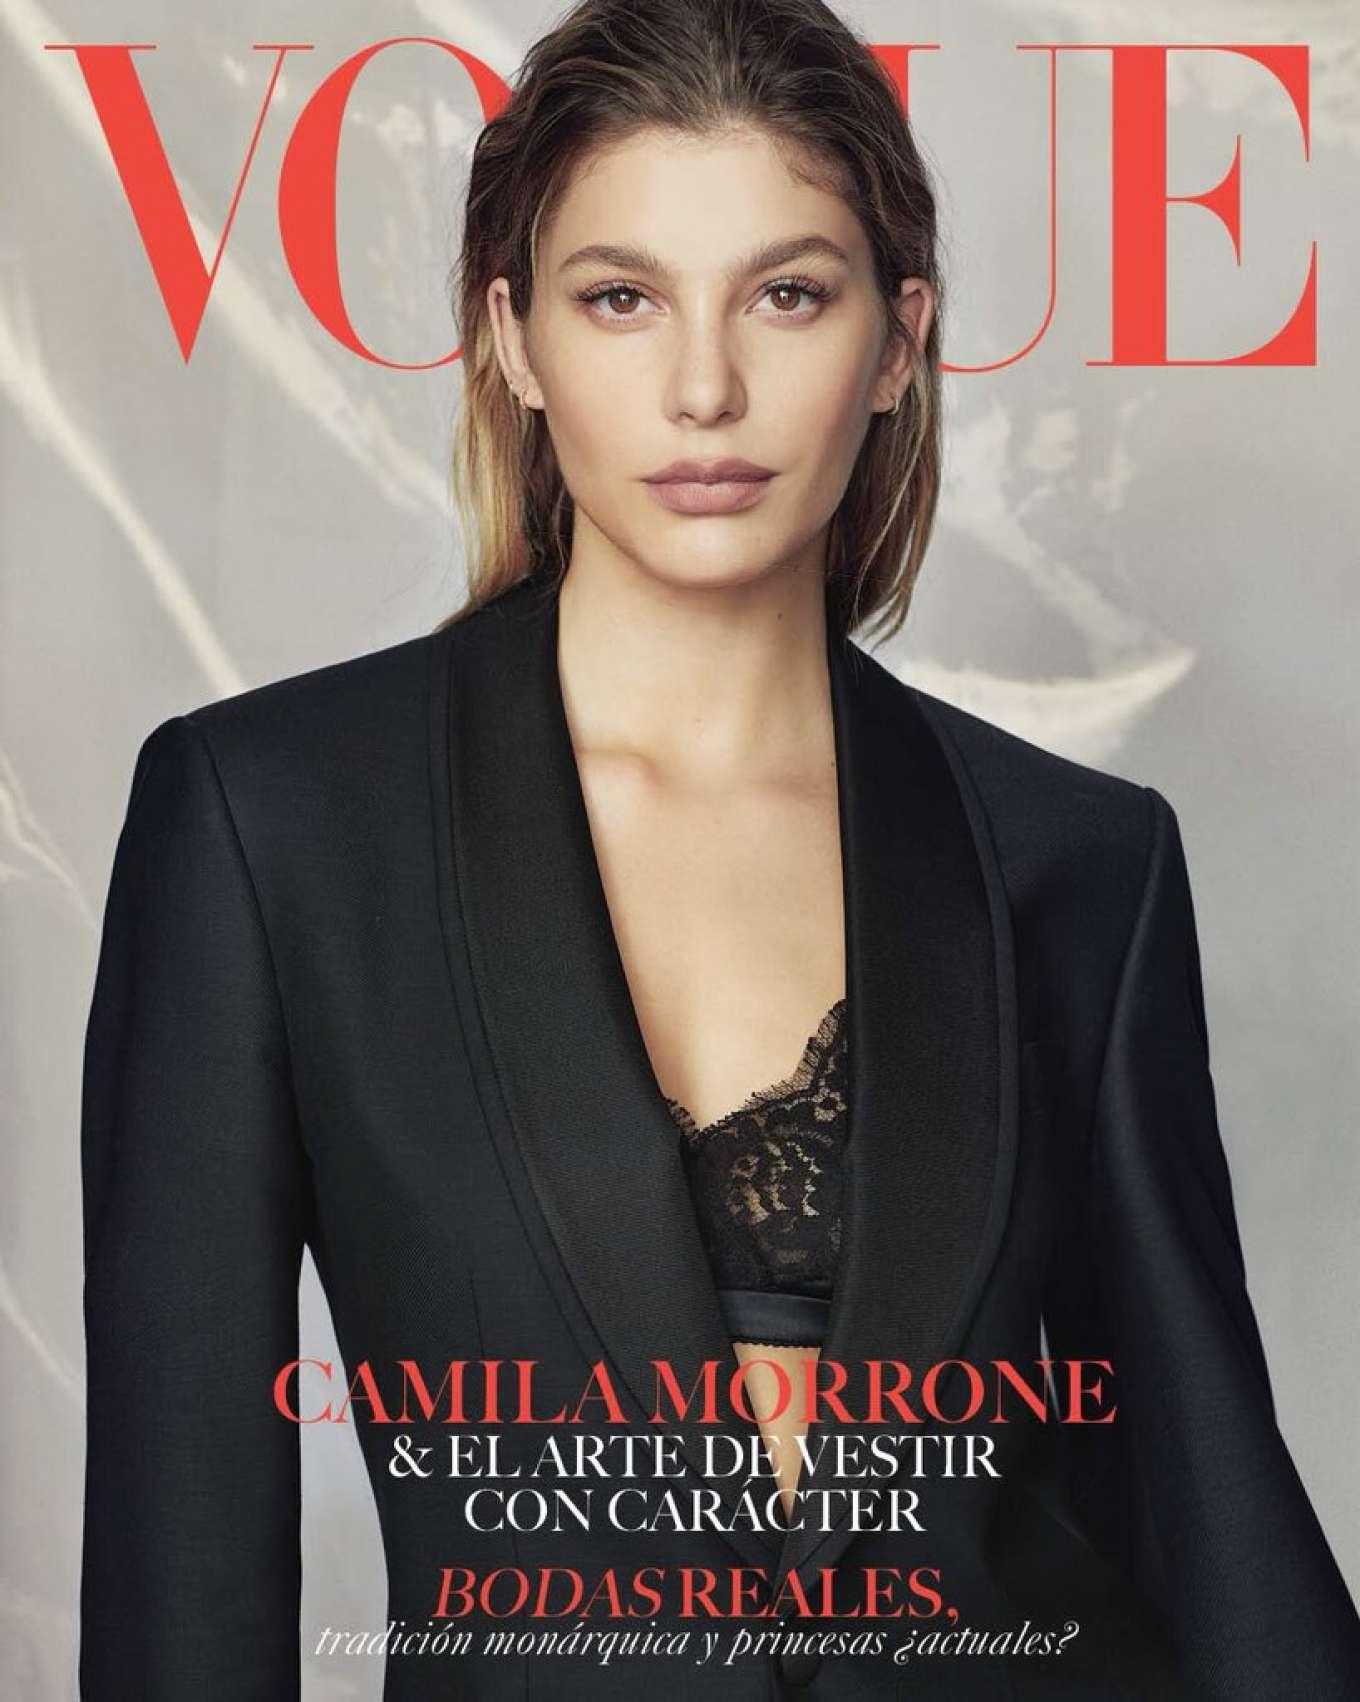 Camila Morrone - Vogue Mexico Magazine (May 2018)